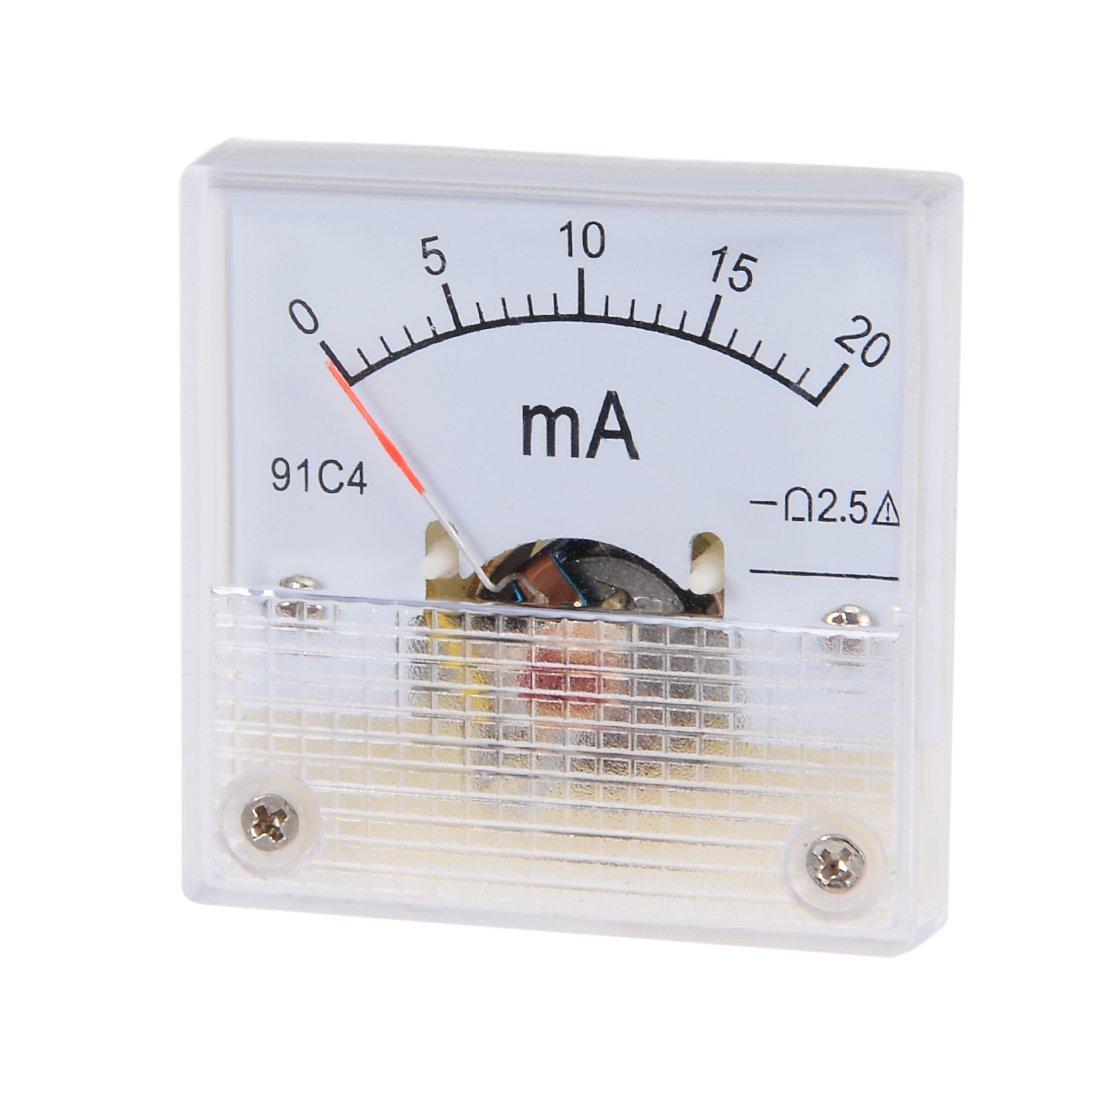 uxcell 85C1 Analog DC 2A Current Panel Meter Ammeter Ampere Tester Gauge